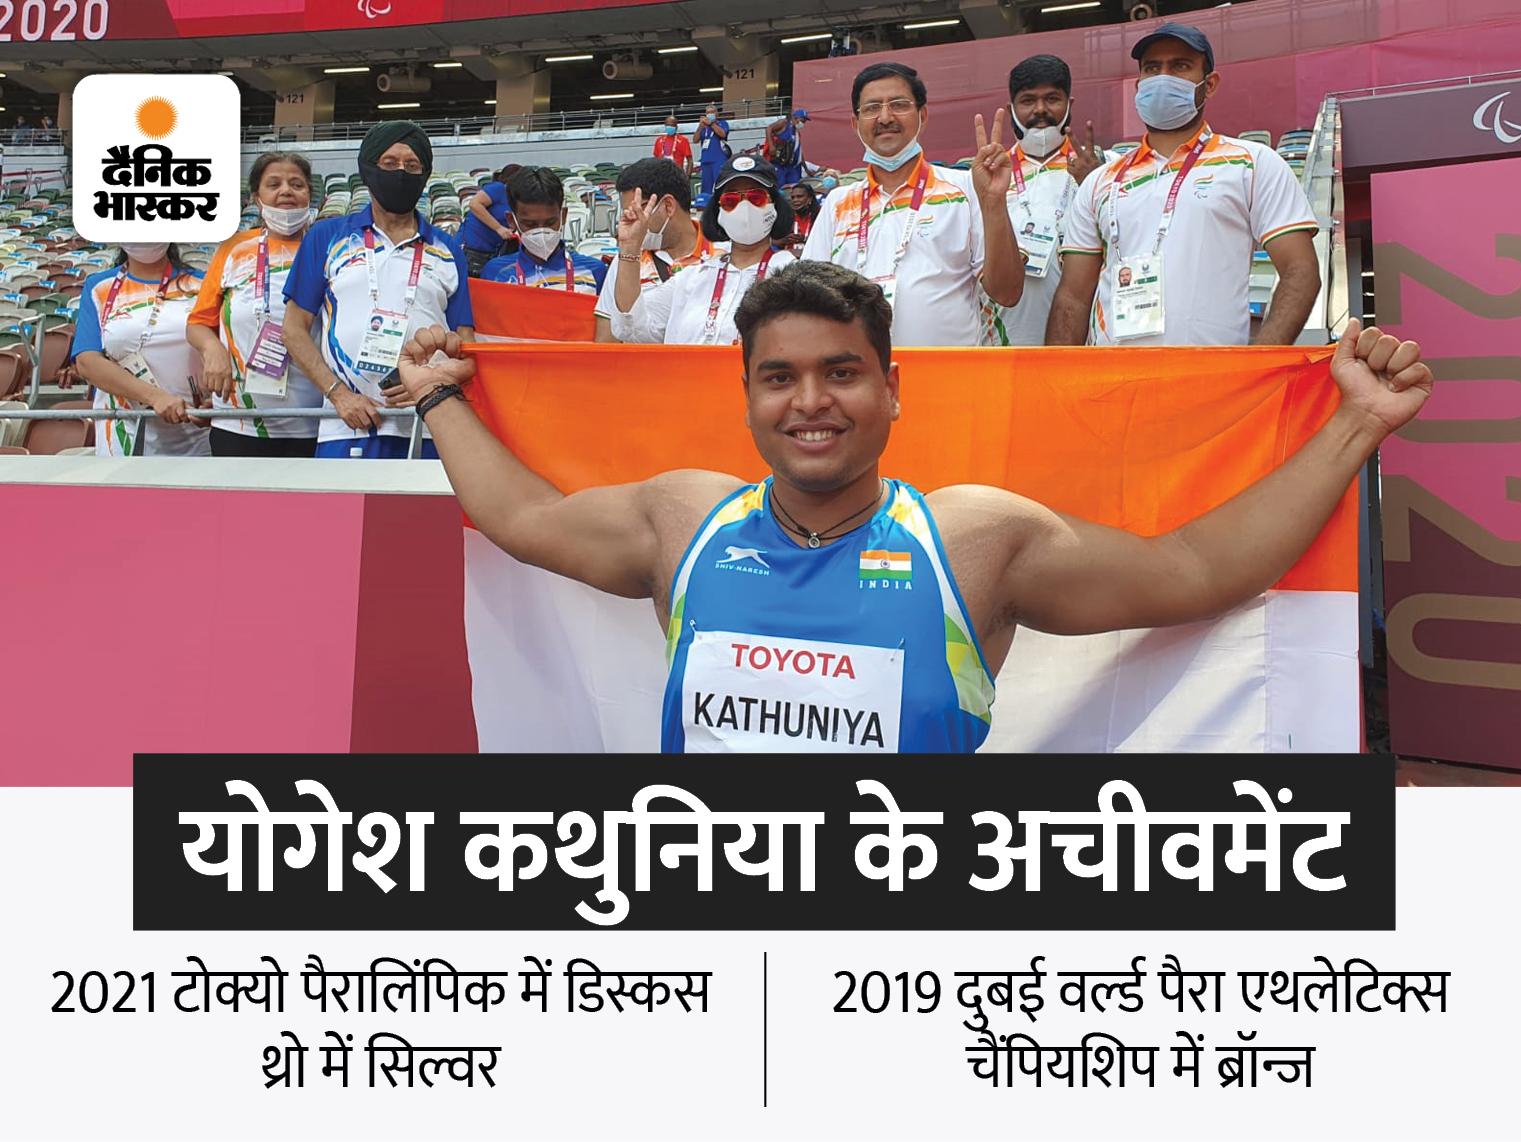 डिस्कस का सिल्वर जीतने पर कहा- लक्ष्य वर्ल्ड रिकॉर्ड बनाना था, तीसरा थ्रो फाउल नहीं होता, तो गोल्ड हमारा होता स्पोर्ट्स,Sports - Dainik Bhaskar